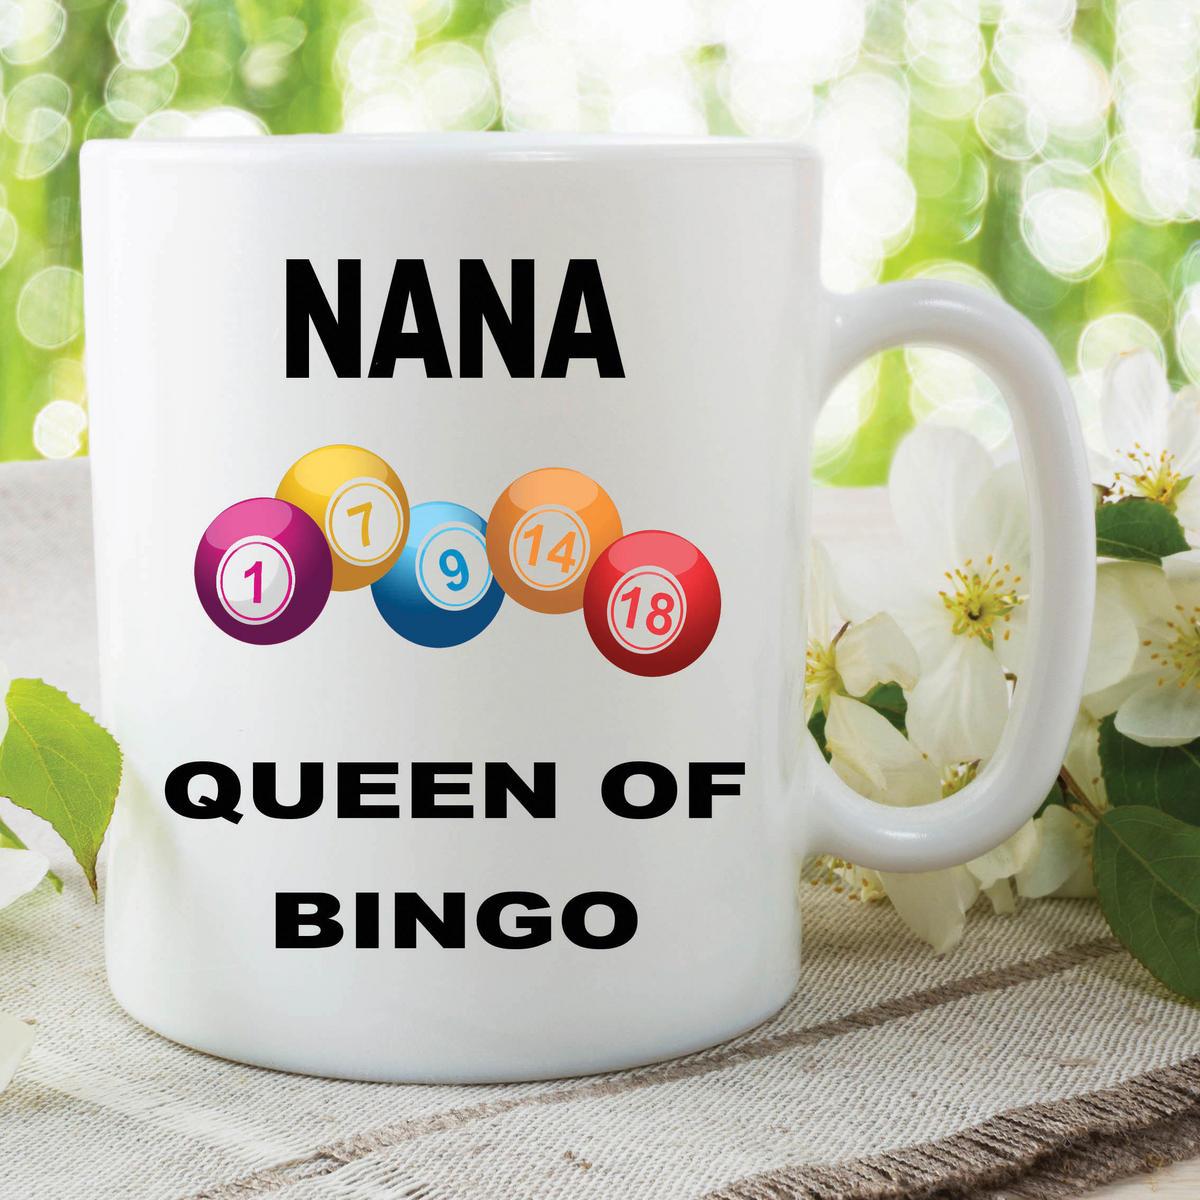 Funny Novelty Mugs Joke Adult Humour Nana Queen Bingo Mothers Day Cups WSDMUG609